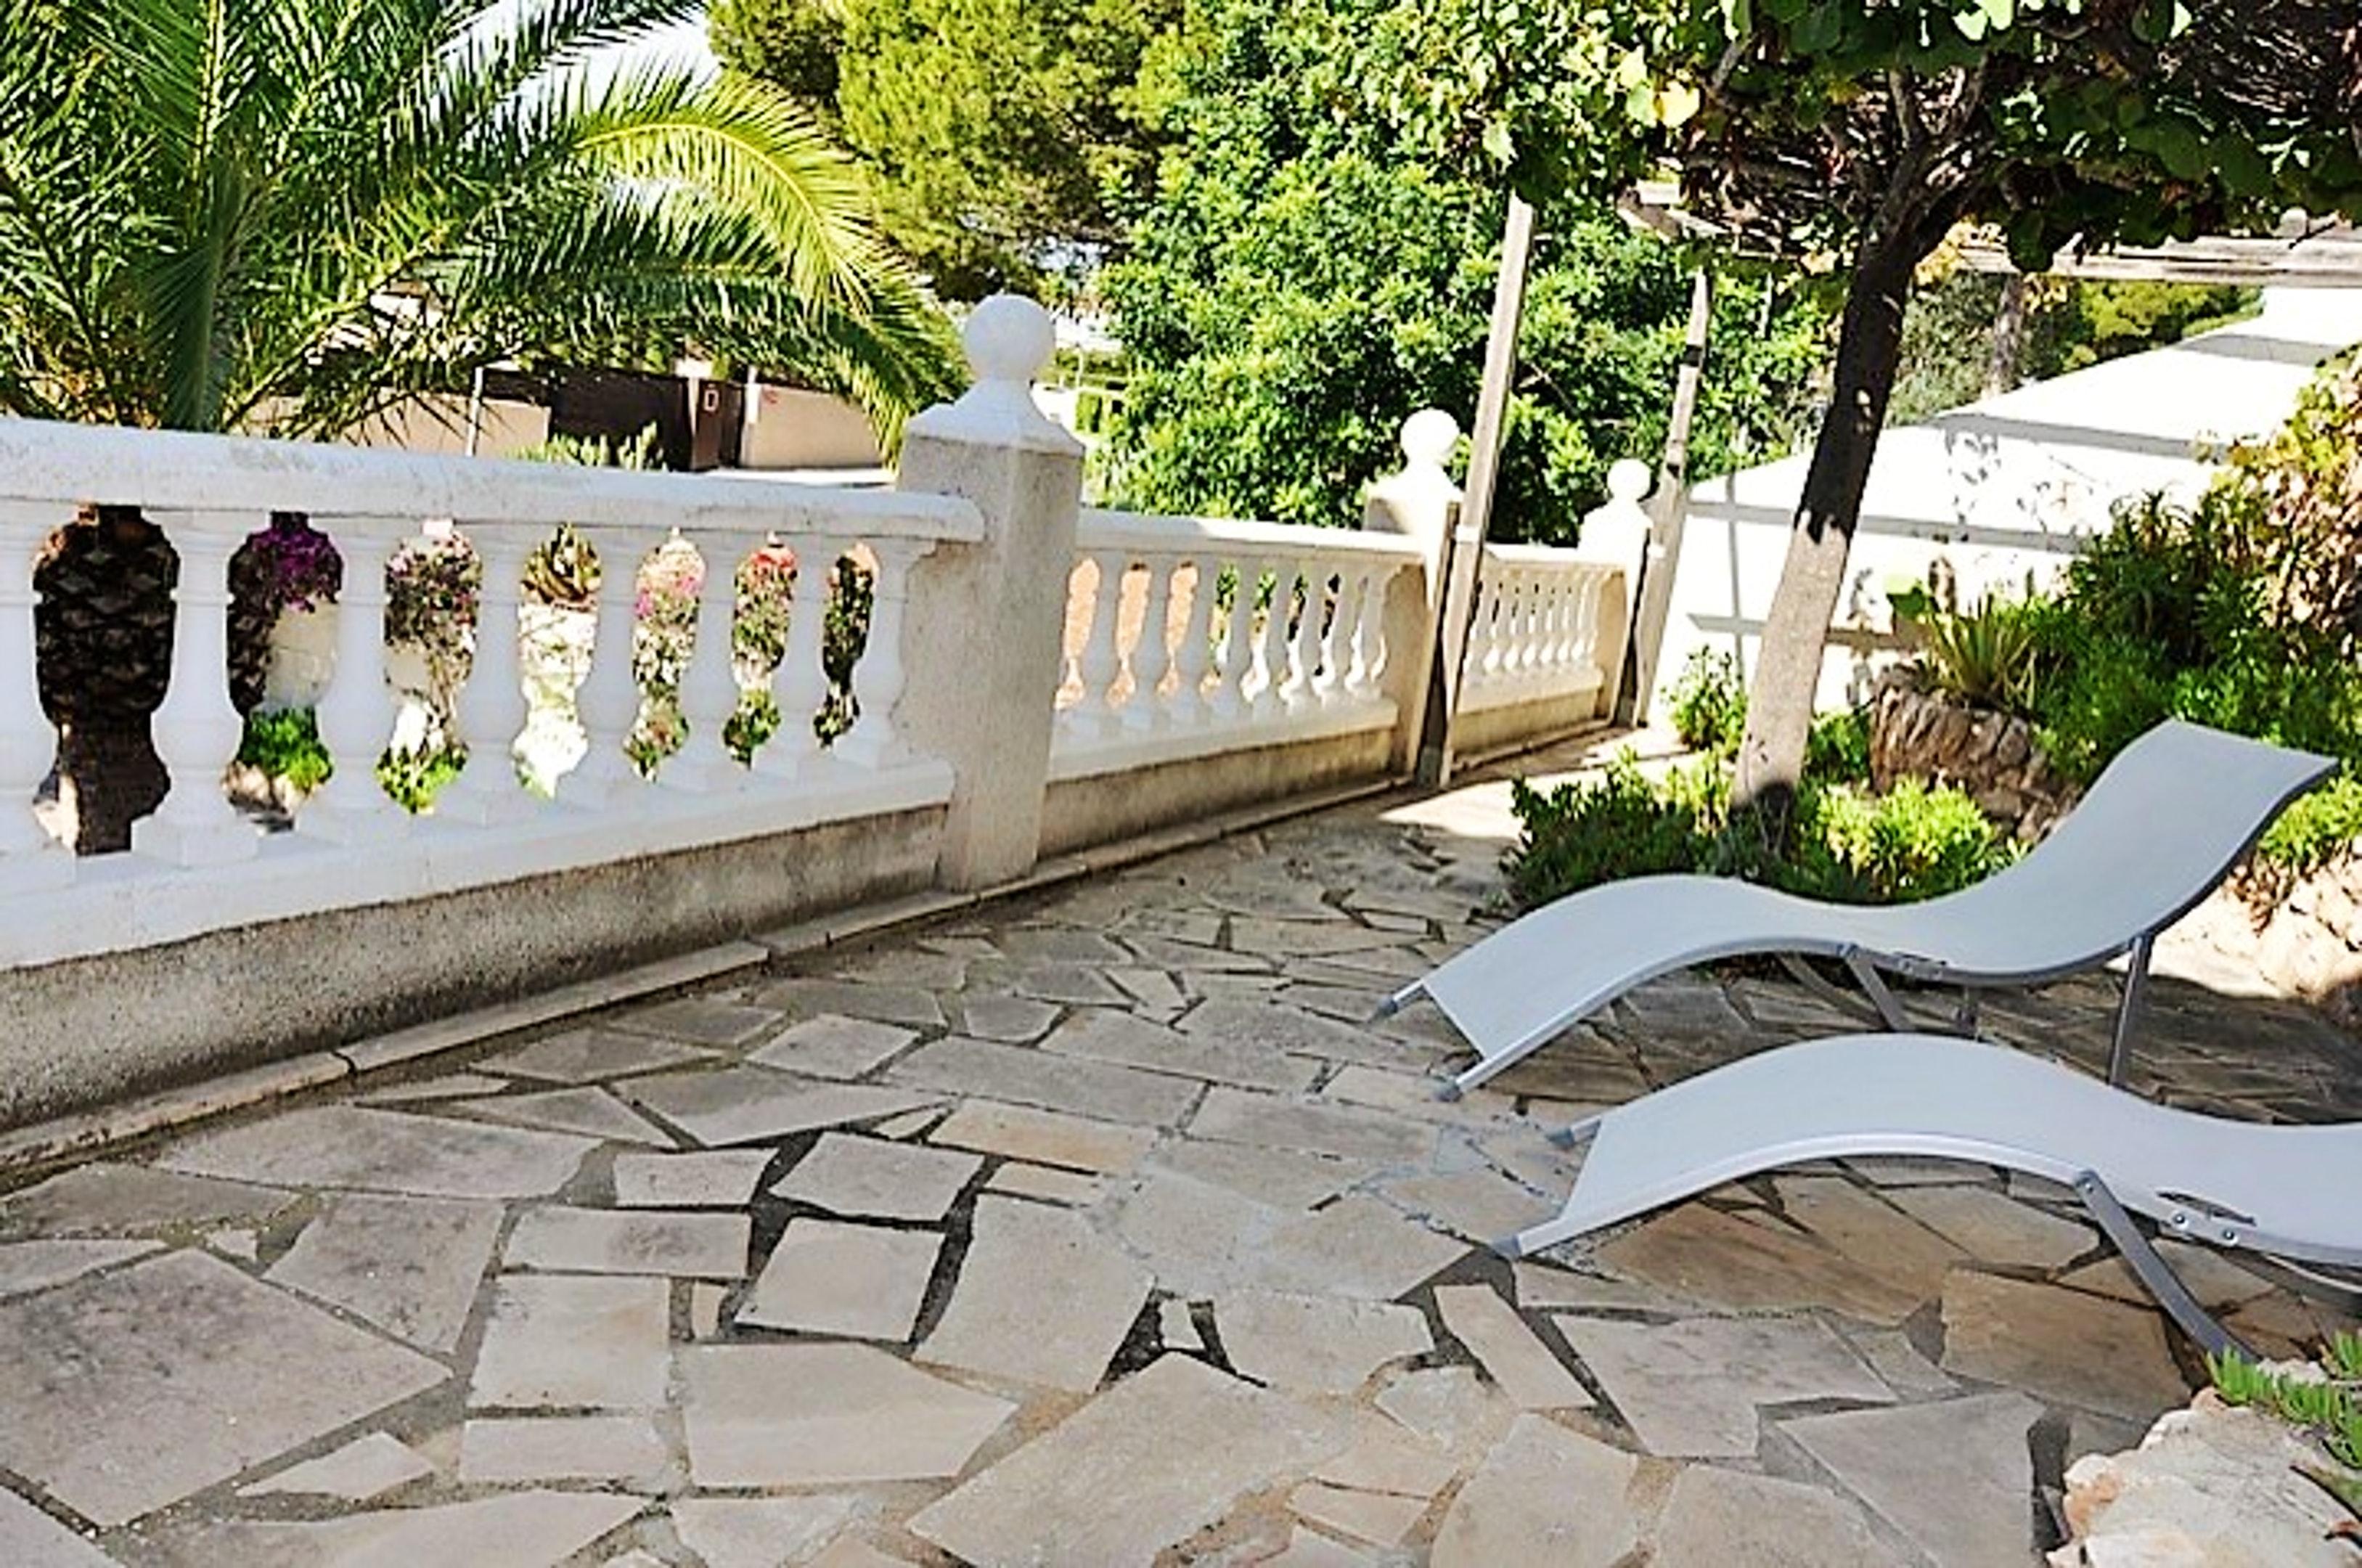 Ferienhaus Villa mit 3 Schlafzimmern in Ampolla mit herrlichem Meerblick, privatem Pool, möbliertem G (2201036), L'Ampolla, Costa Dorada, Katalonien, Spanien, Bild 29